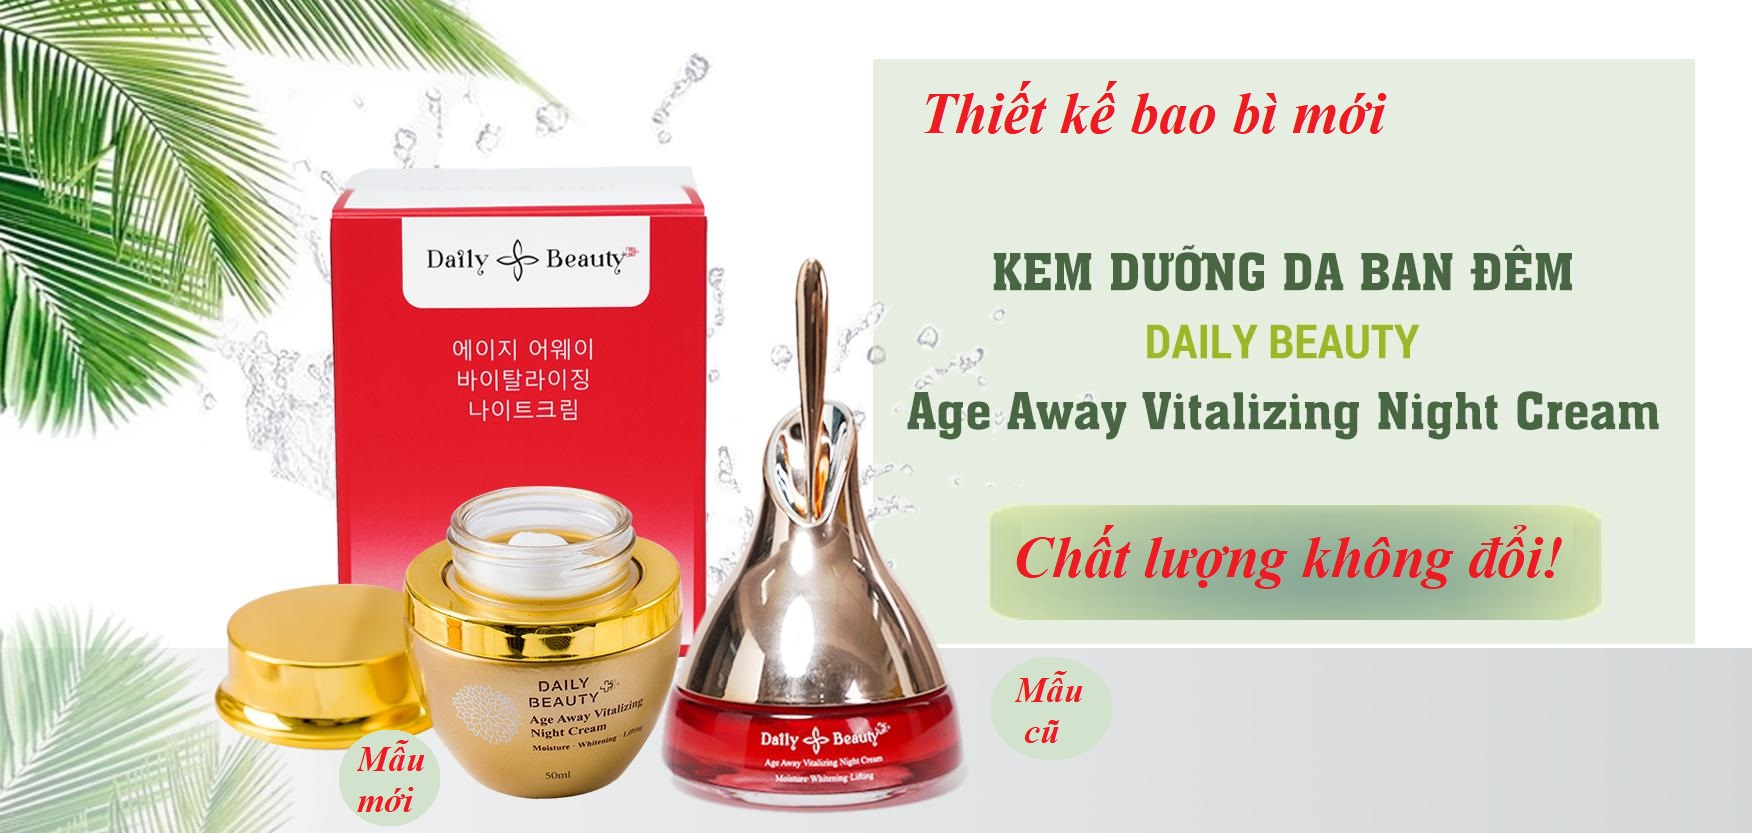 Combo 3 hộp Kem dưỡng da ban đêm Daily Beauty Age Away Vitalizing Night Cream Đánh Thức Thanh Xuân sản phẩm nhập khẩu chính ngạch Hàn Quốc